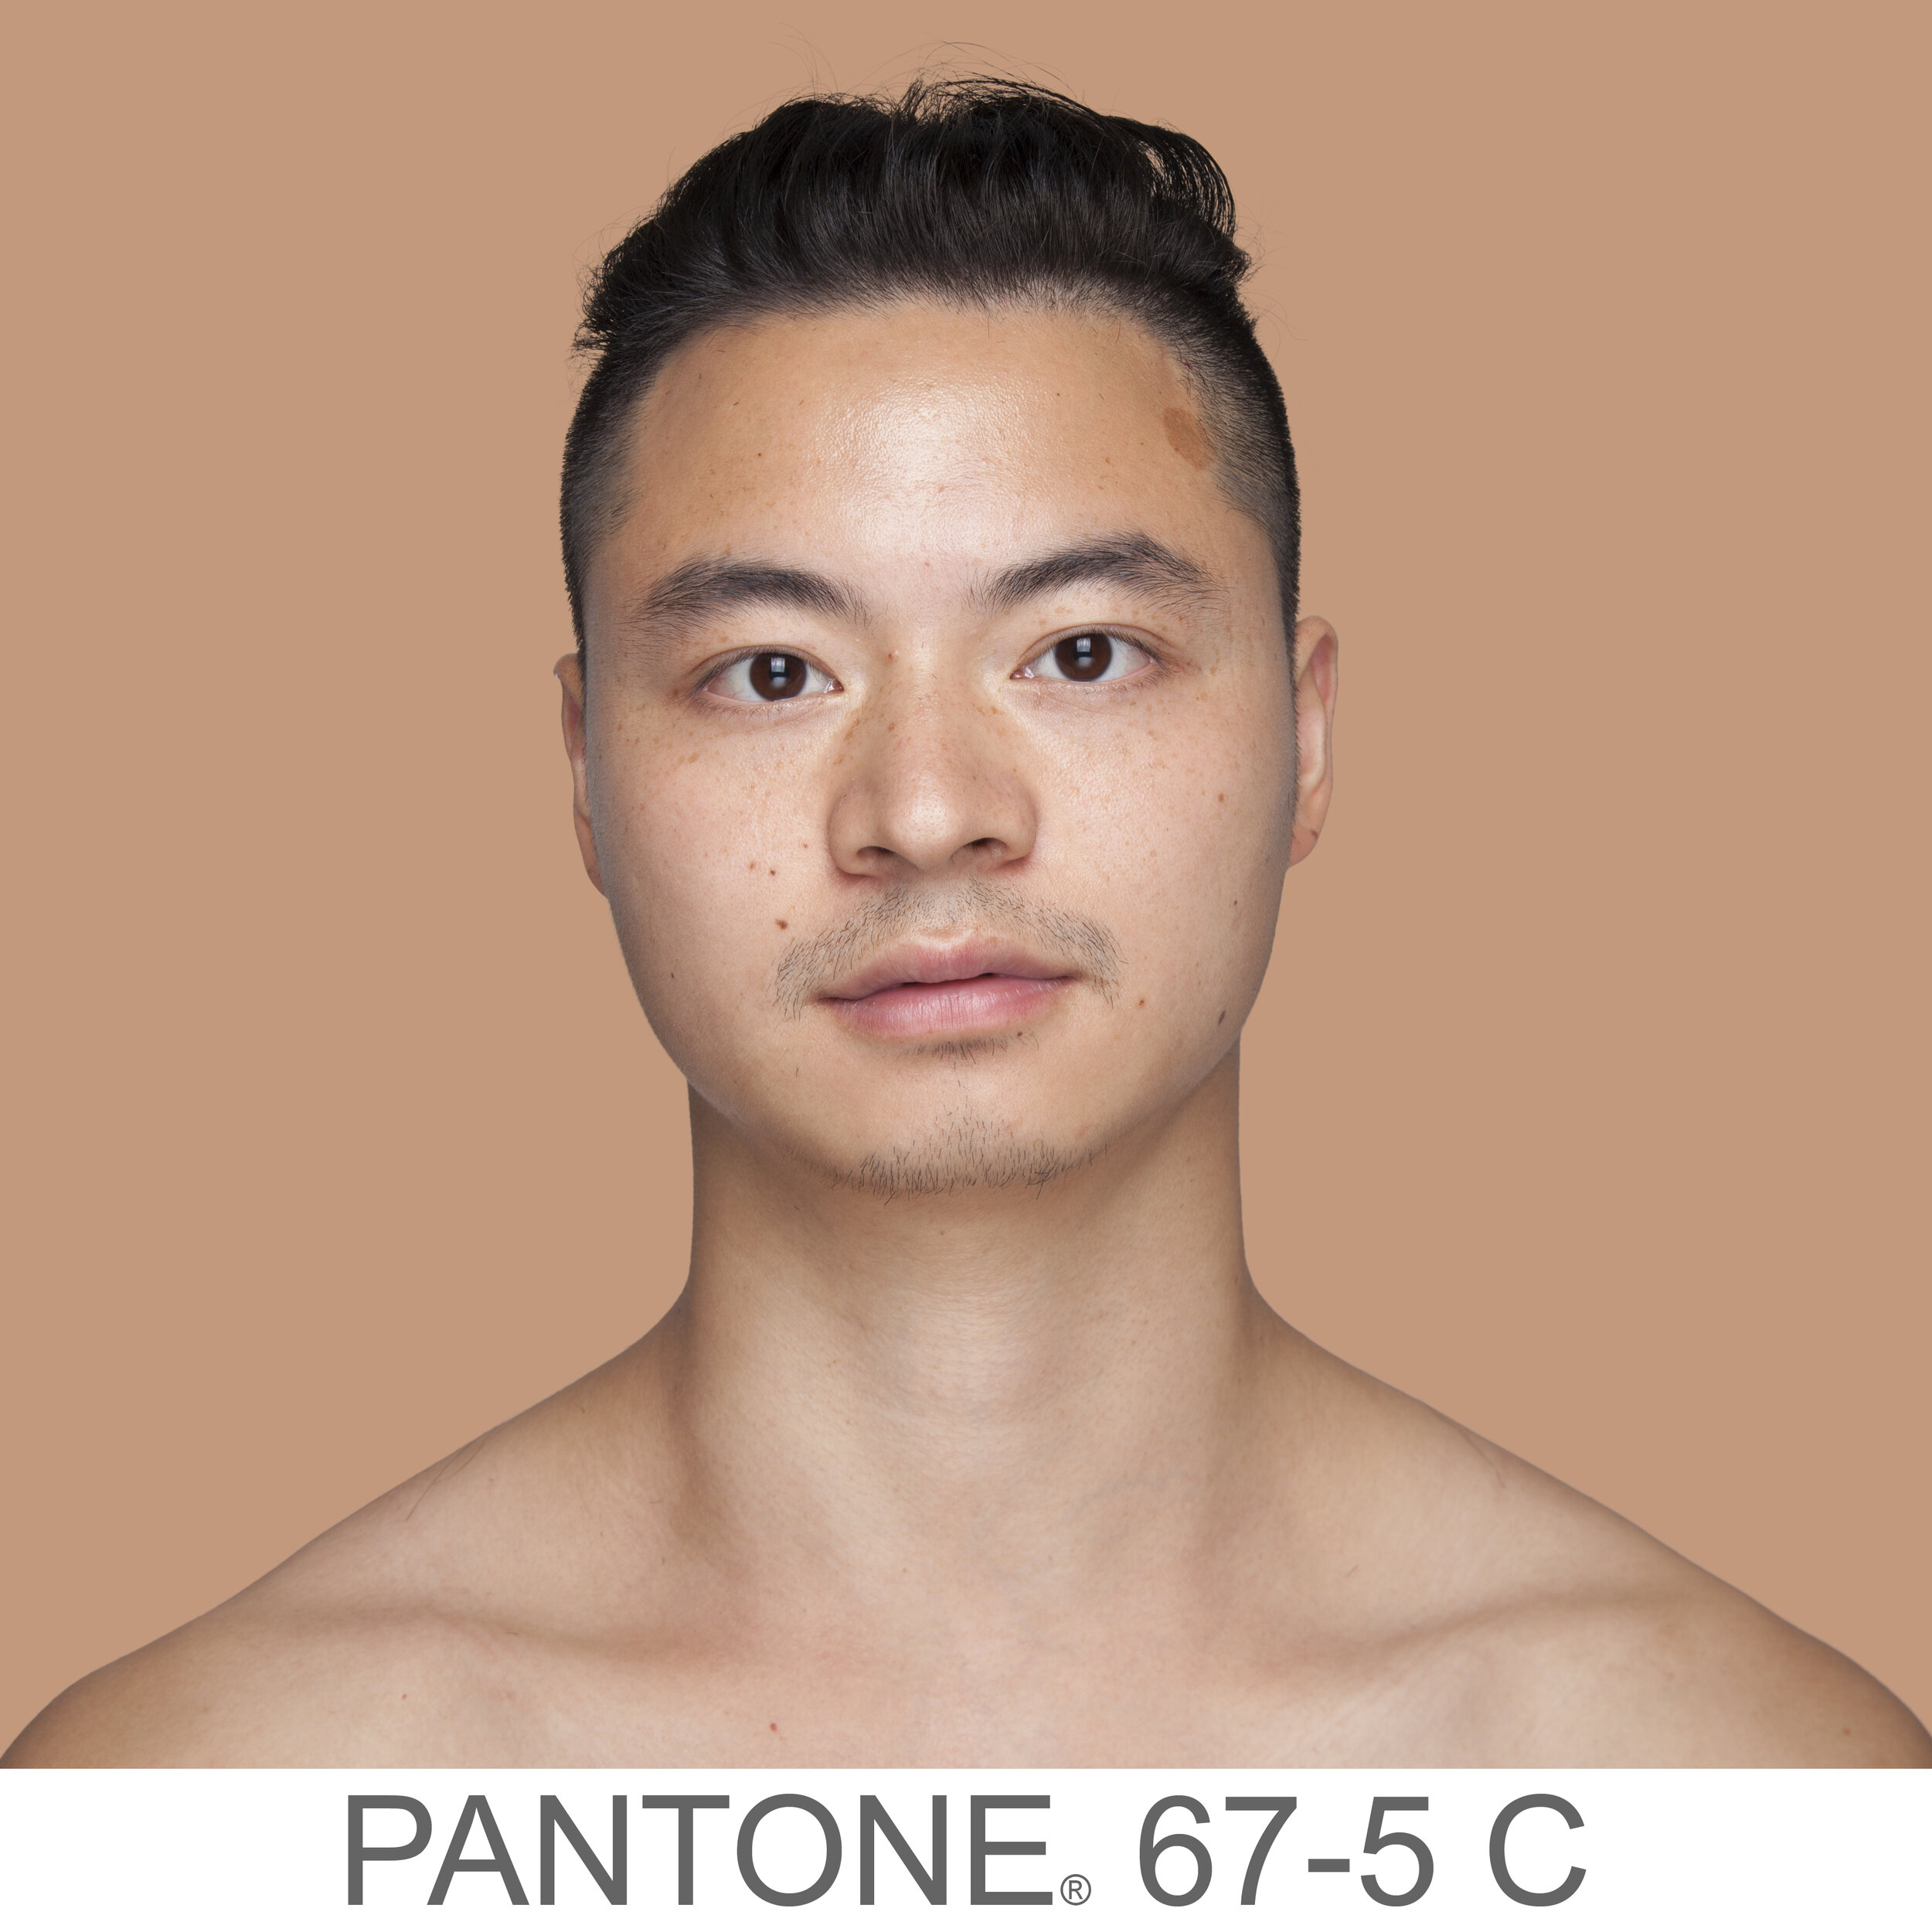 humanae 67-5 C1 CN copia.jpg